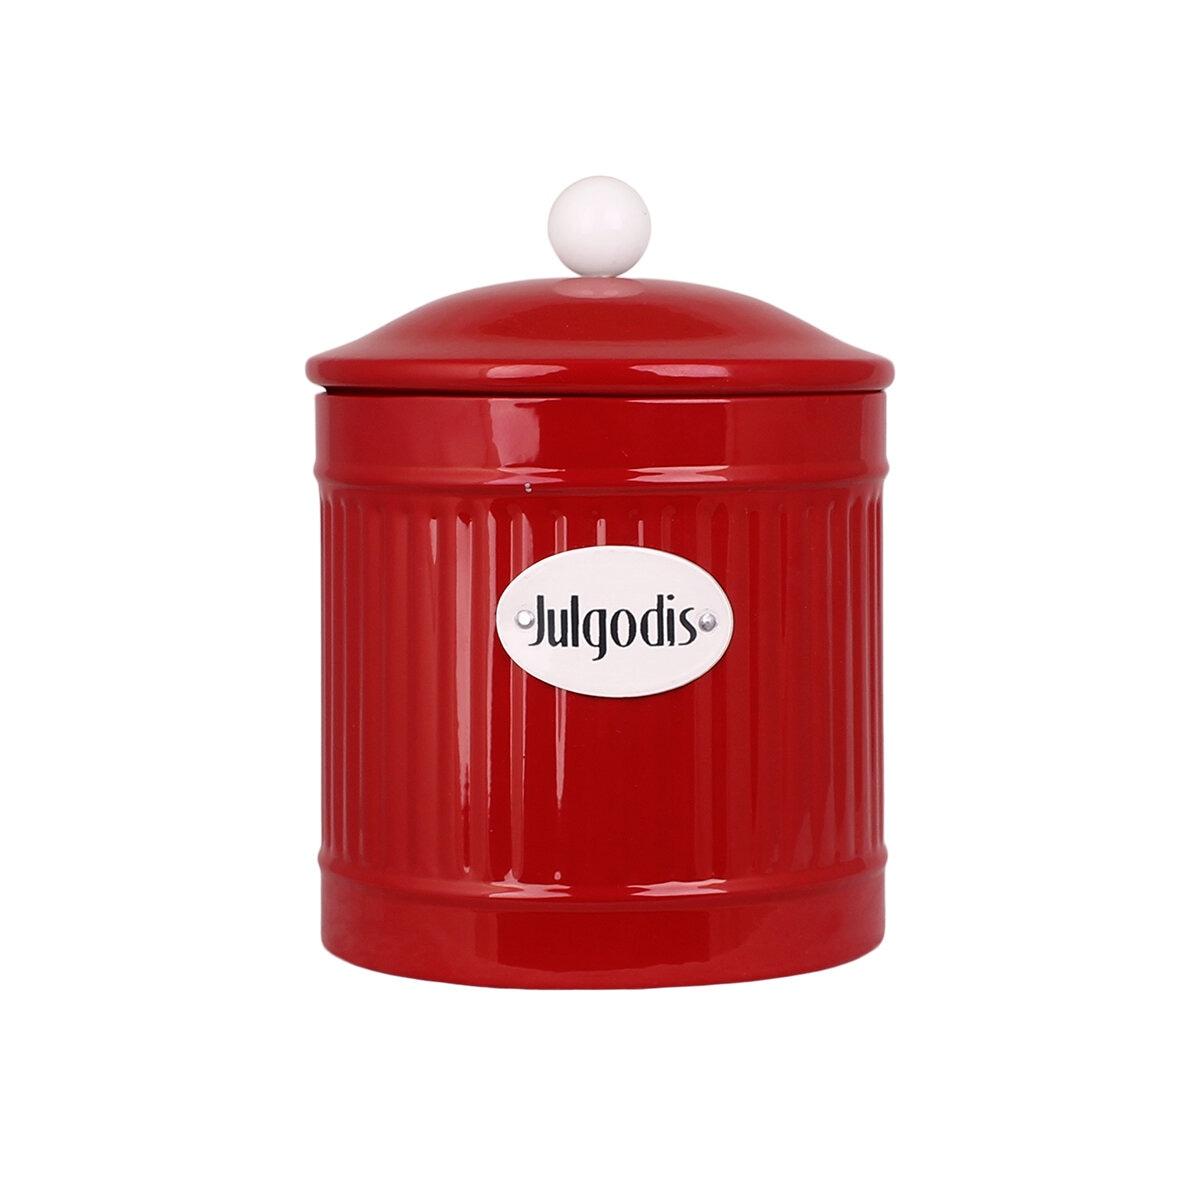 Tin Hugo Julgodis Red